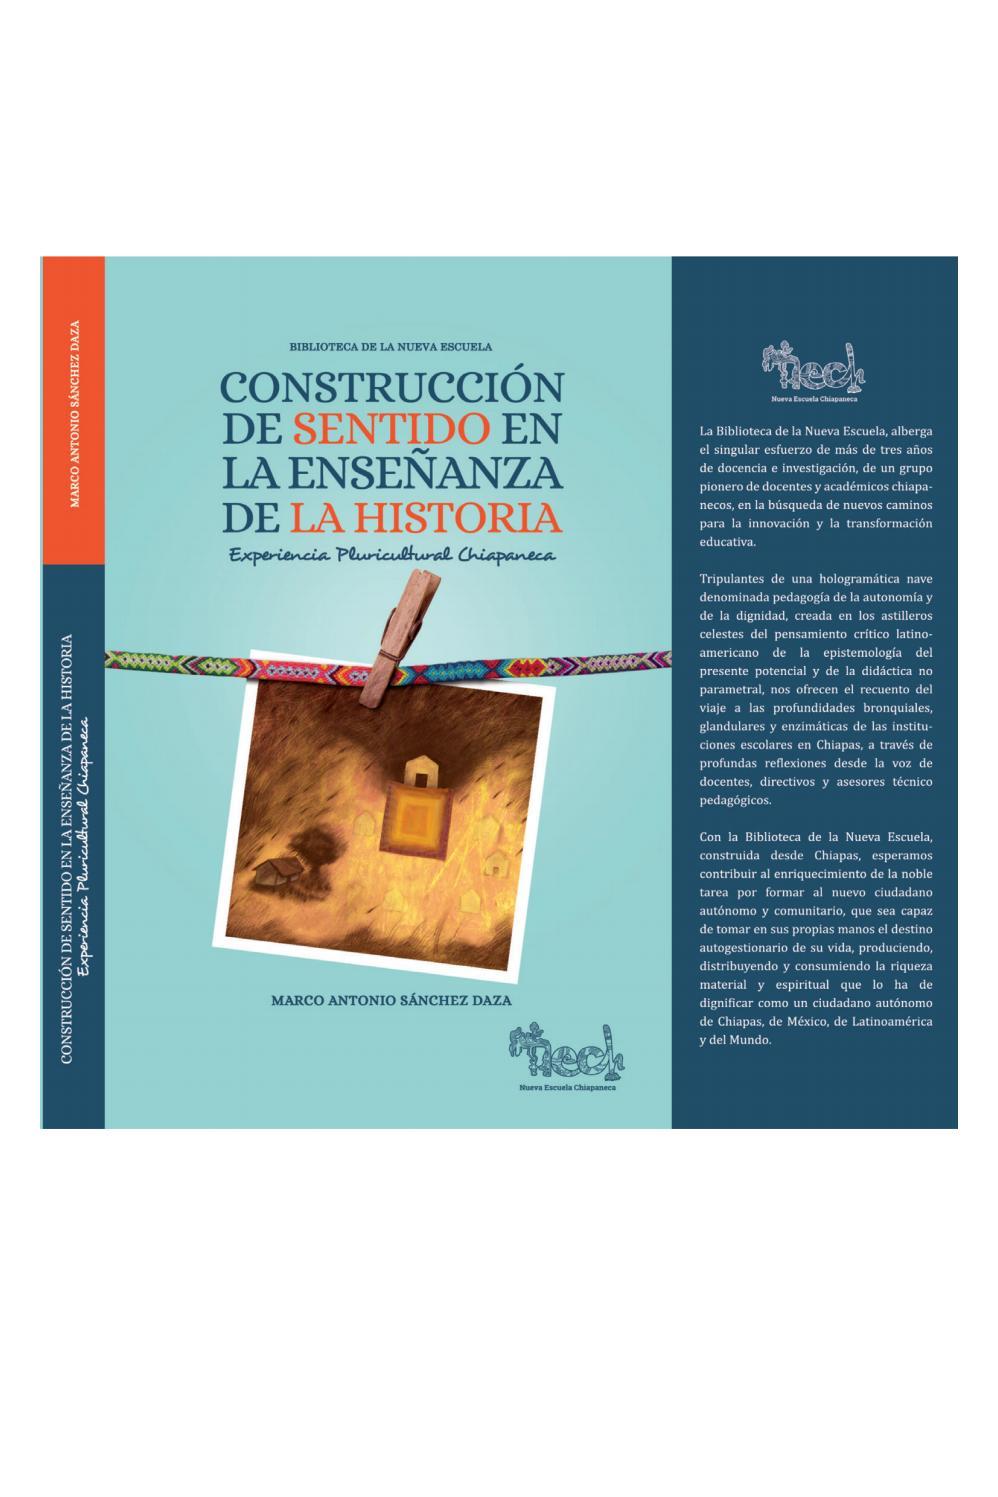 NECH - PIMCECTE - Construccion de sentido en la ensenanza de la historia ( Libro 4) by Samuel Sabino - issuu